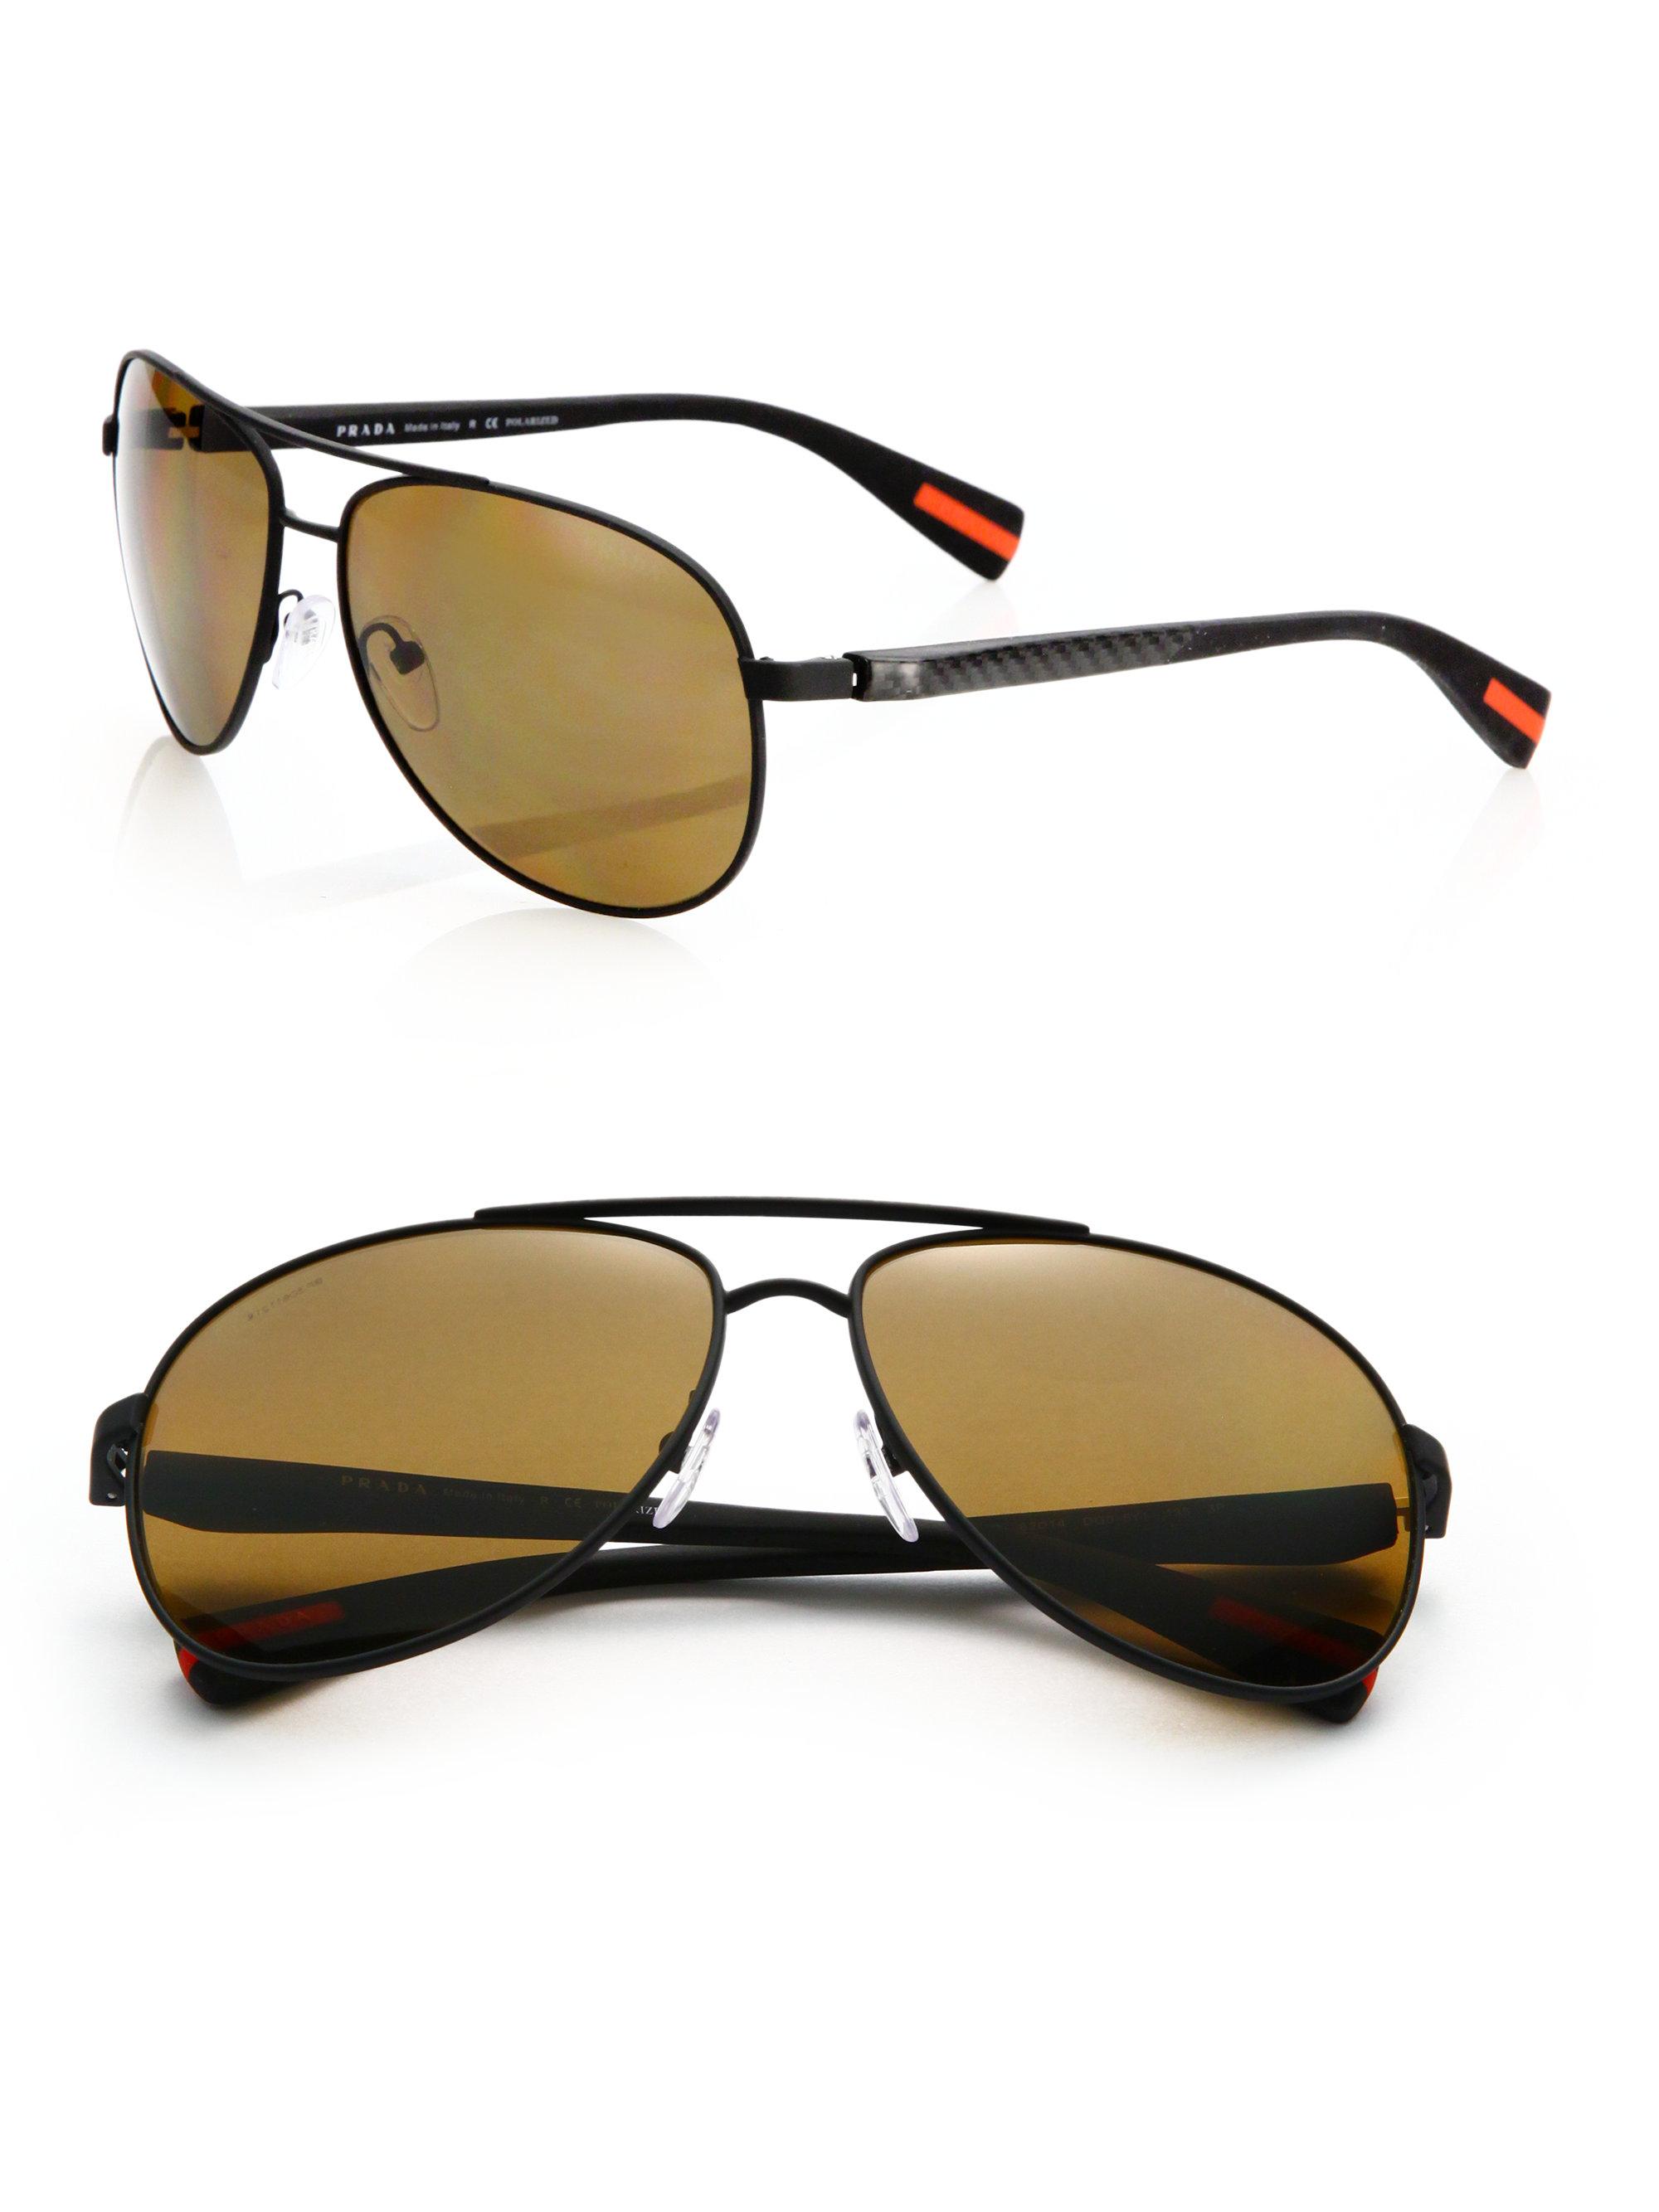 d62e2788a2cb Prada Polarized Sunglasses For Men